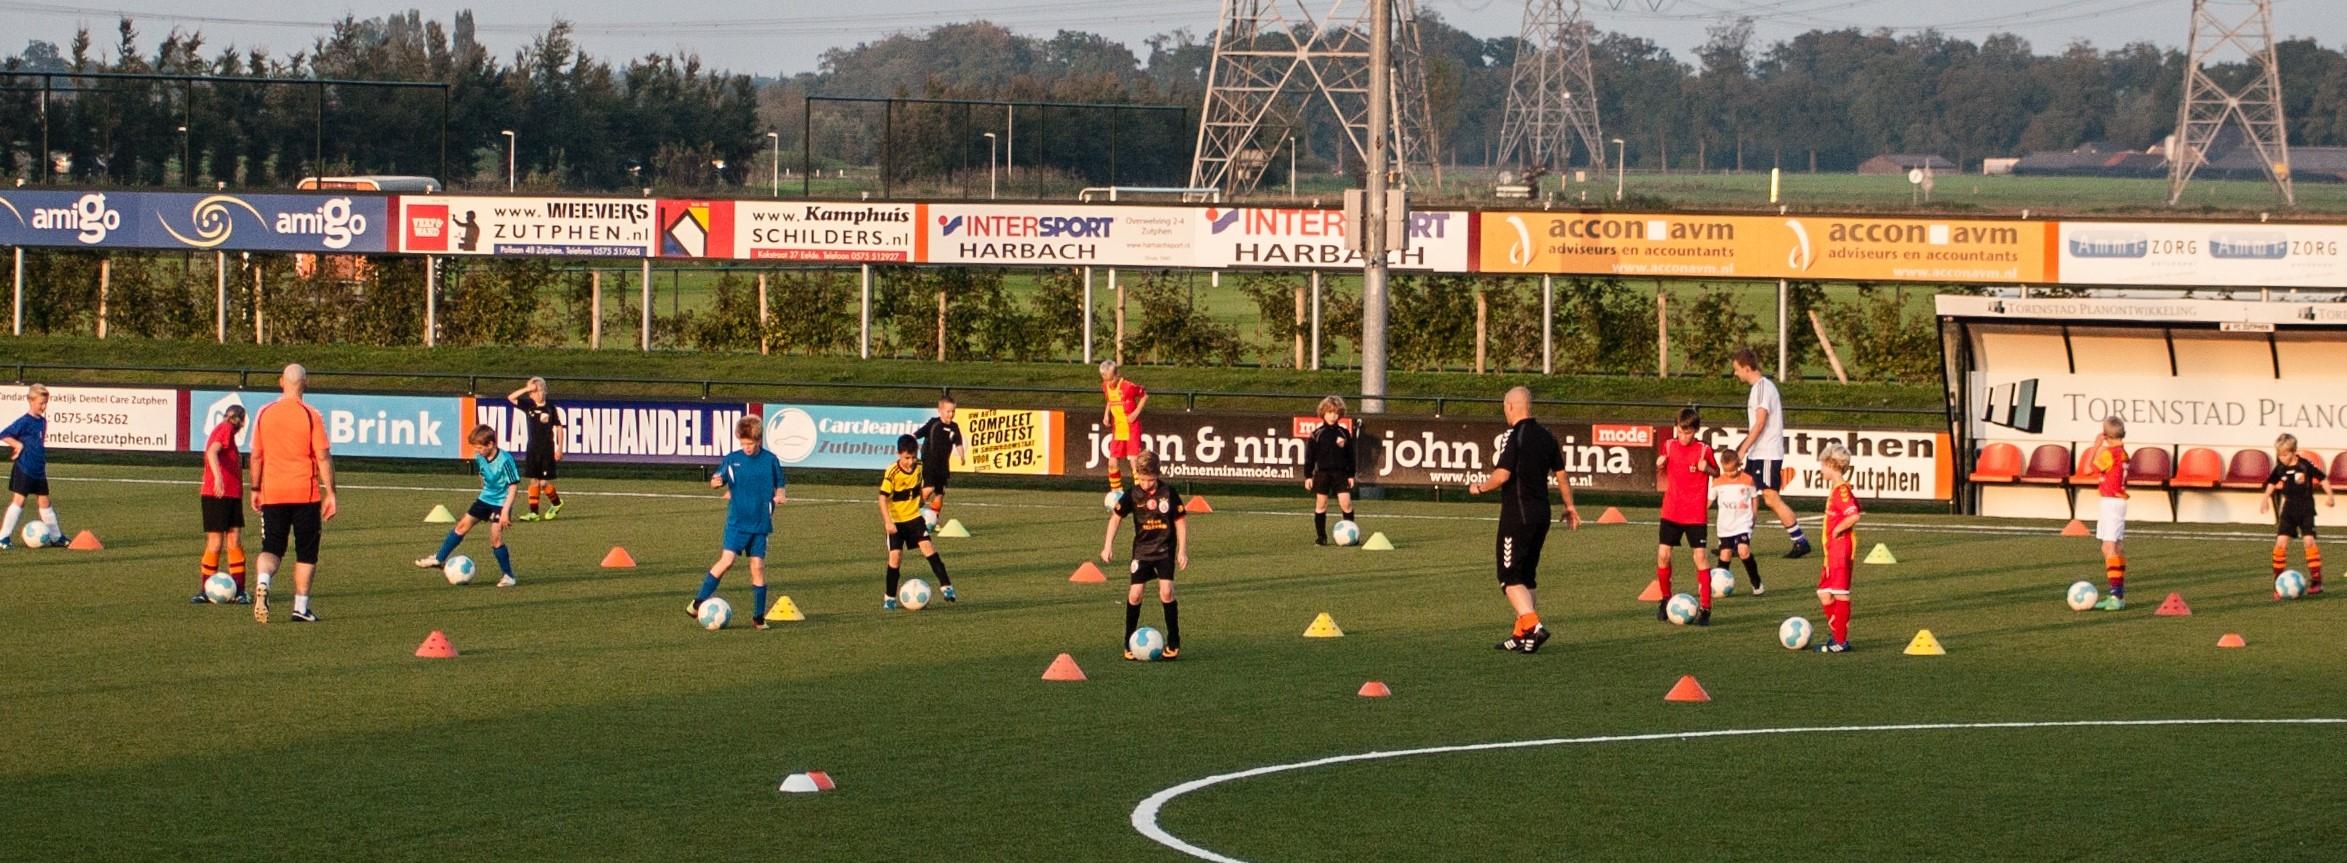 Voetbalschool FC Zutphen weer van start